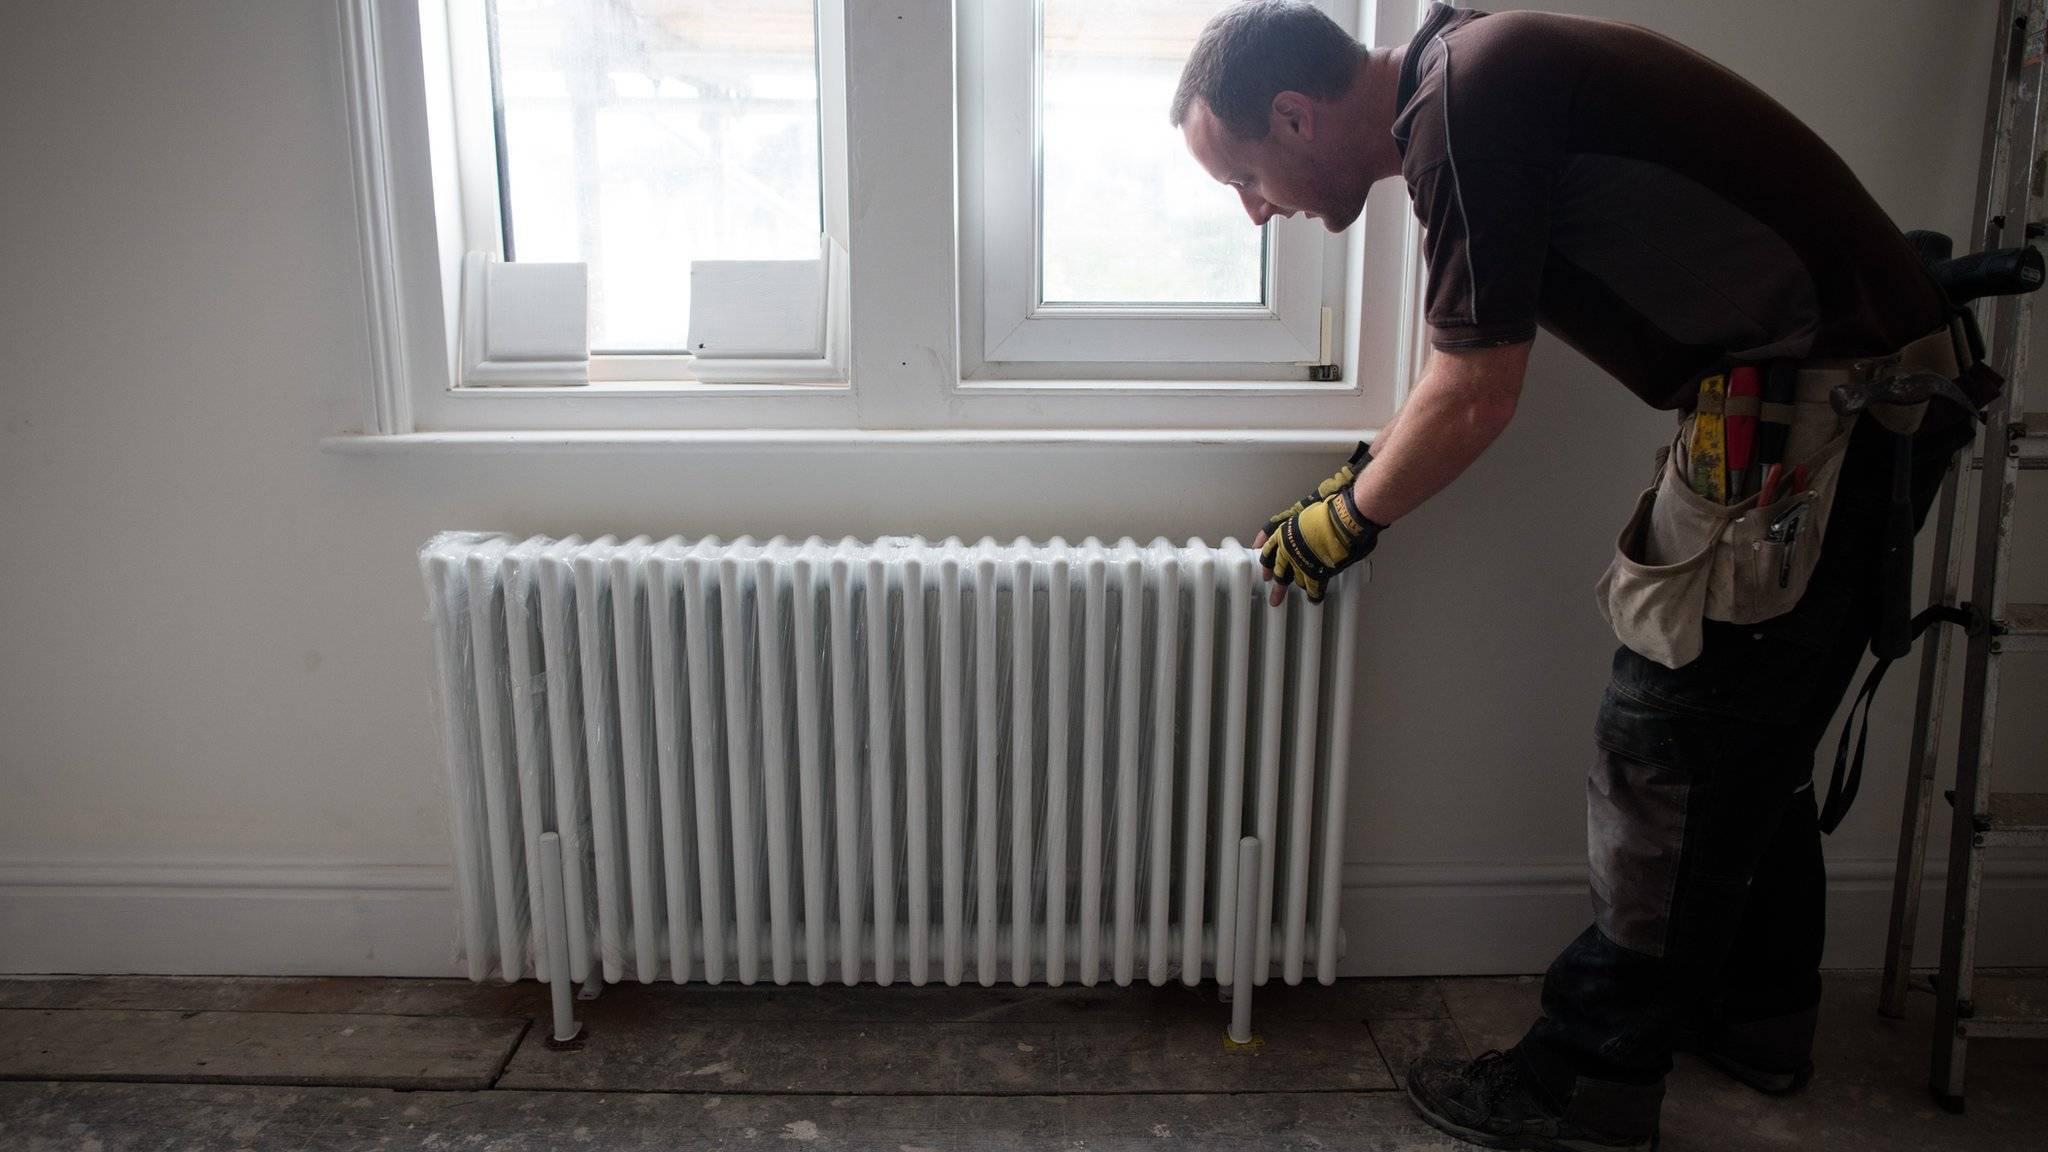 Как выбрать крепления для радиаторов отопления: обзор видов кронштейнов для батарей с настенной и напольной установкой, правила разметки под чугунные, стальные, алюминимевые и биметаллические приборы отопления